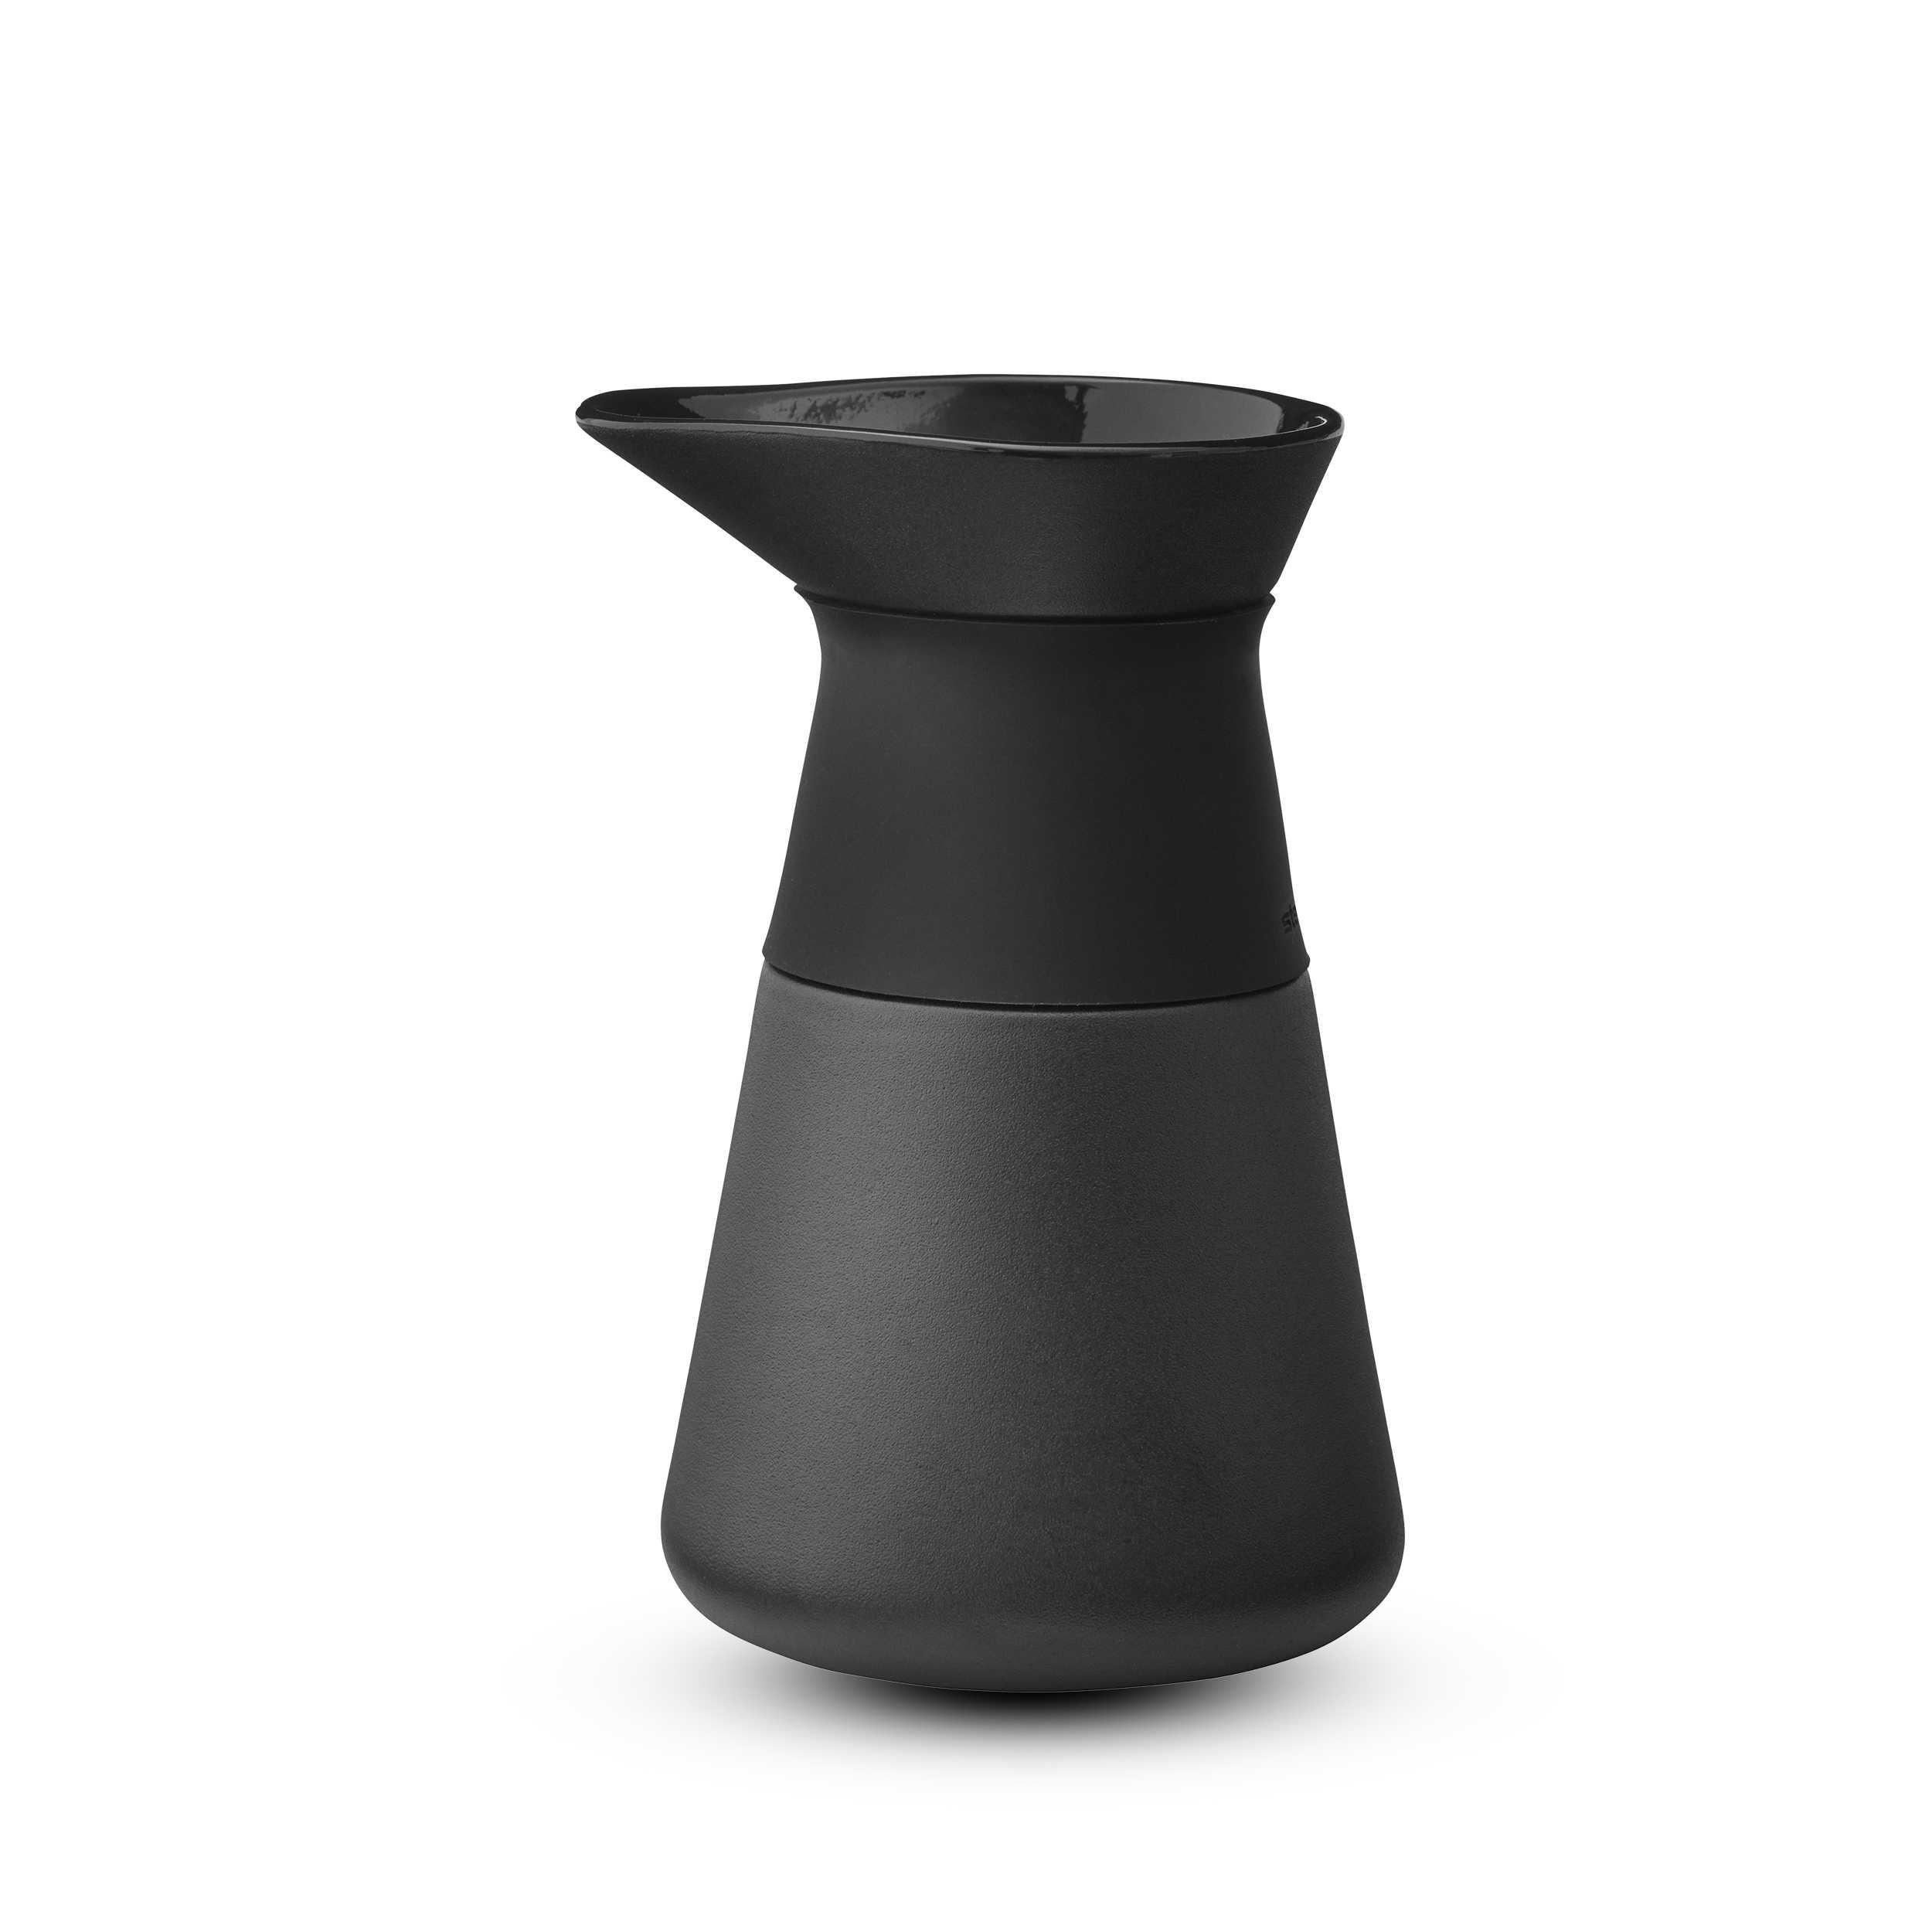 stelton milchk nnchen theo schwarz steingut online kaufen bei woonio. Black Bedroom Furniture Sets. Home Design Ideas